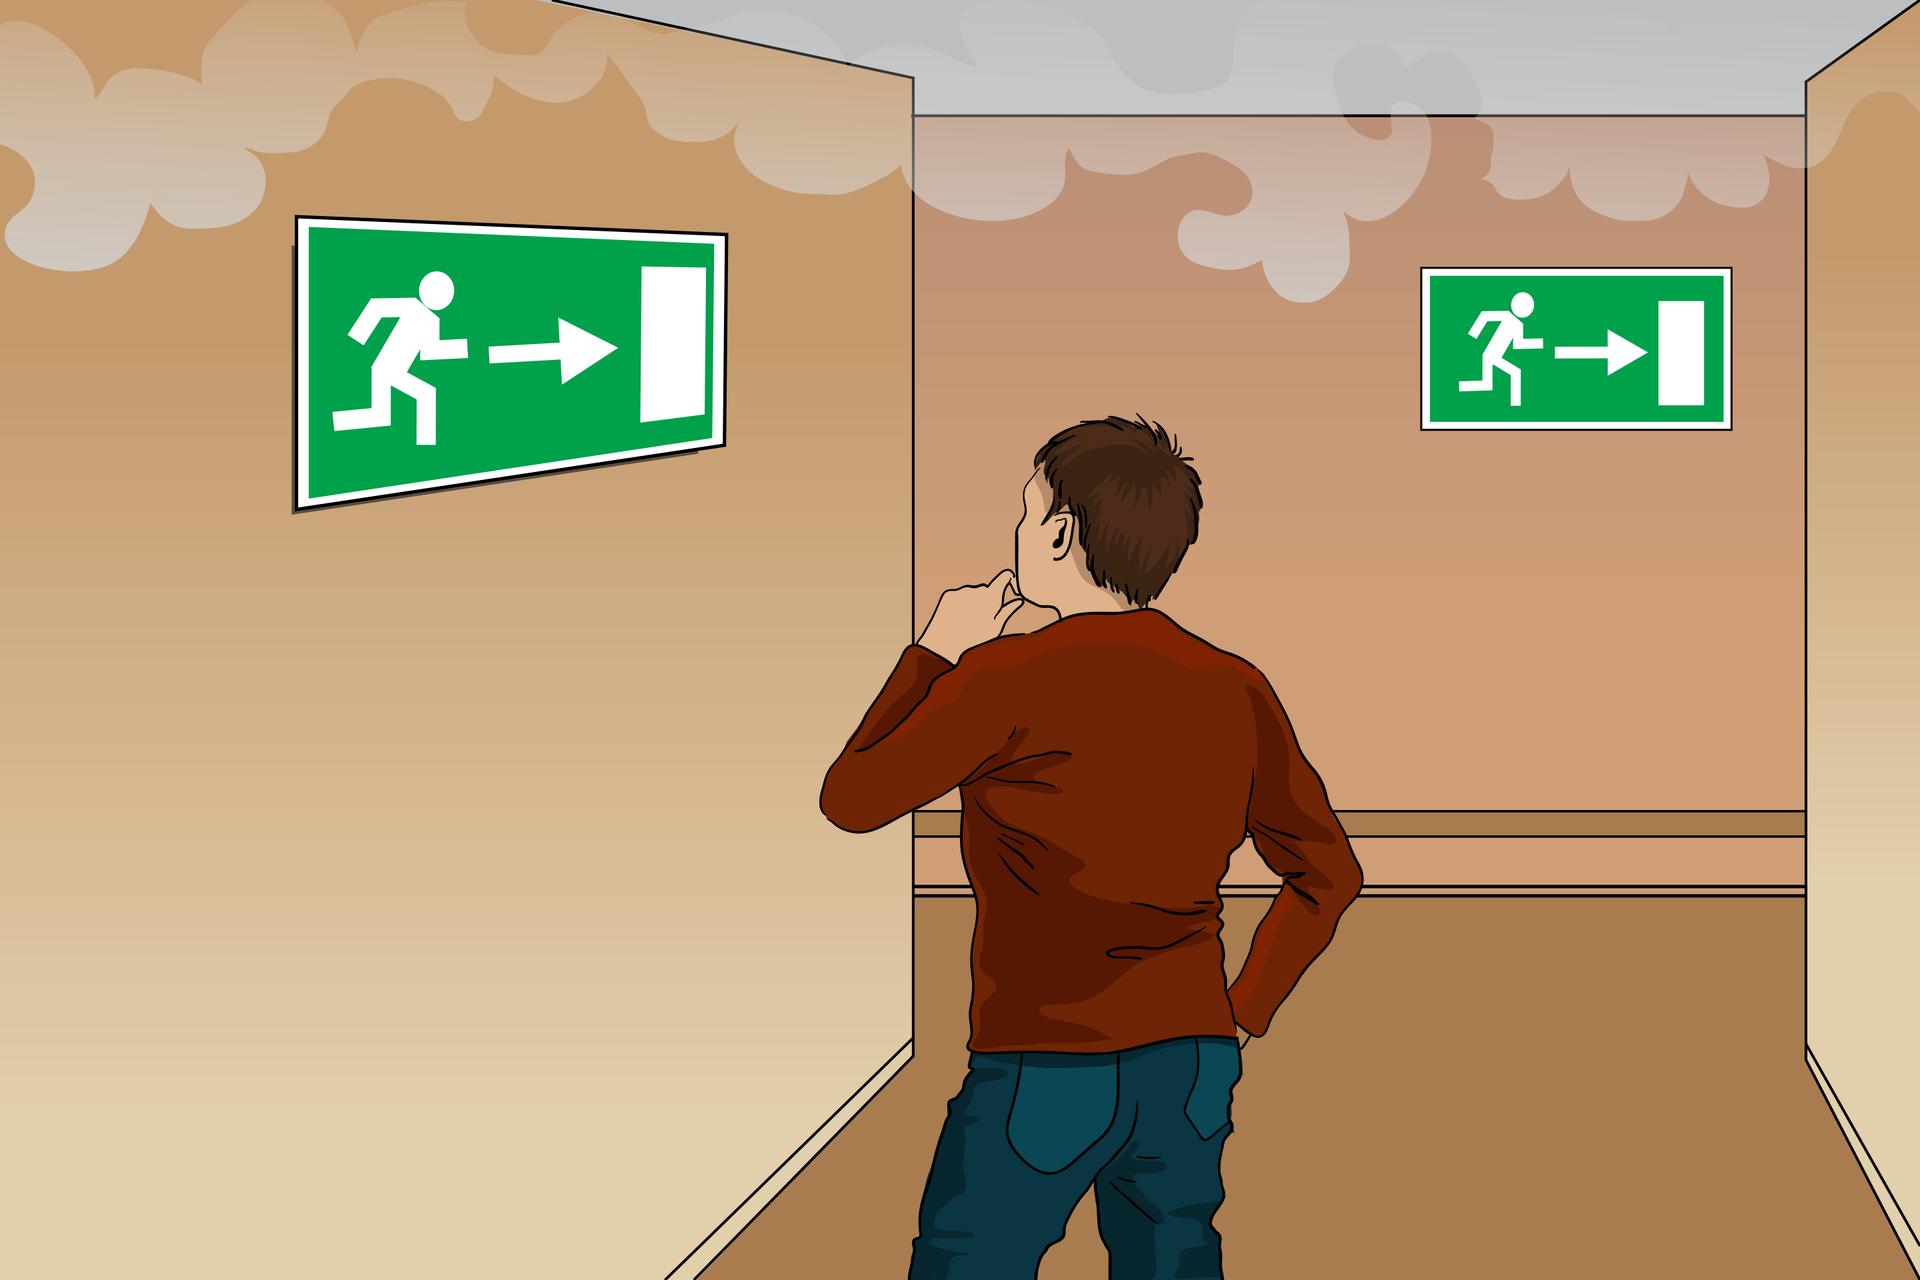 Rysunek przedstawia rozwidlający się na końcu korytarz ikłęby dymu unoszące się pod sufitem. Na pierwszym planie pokazany jest od tyłu uczeń patrzący na ścianę ztablicą informującą okierunku drogi ewakuacji. Na samym końcu korytarza wrozwidleniu identyczny znak wskazuje odnogę wprawo.